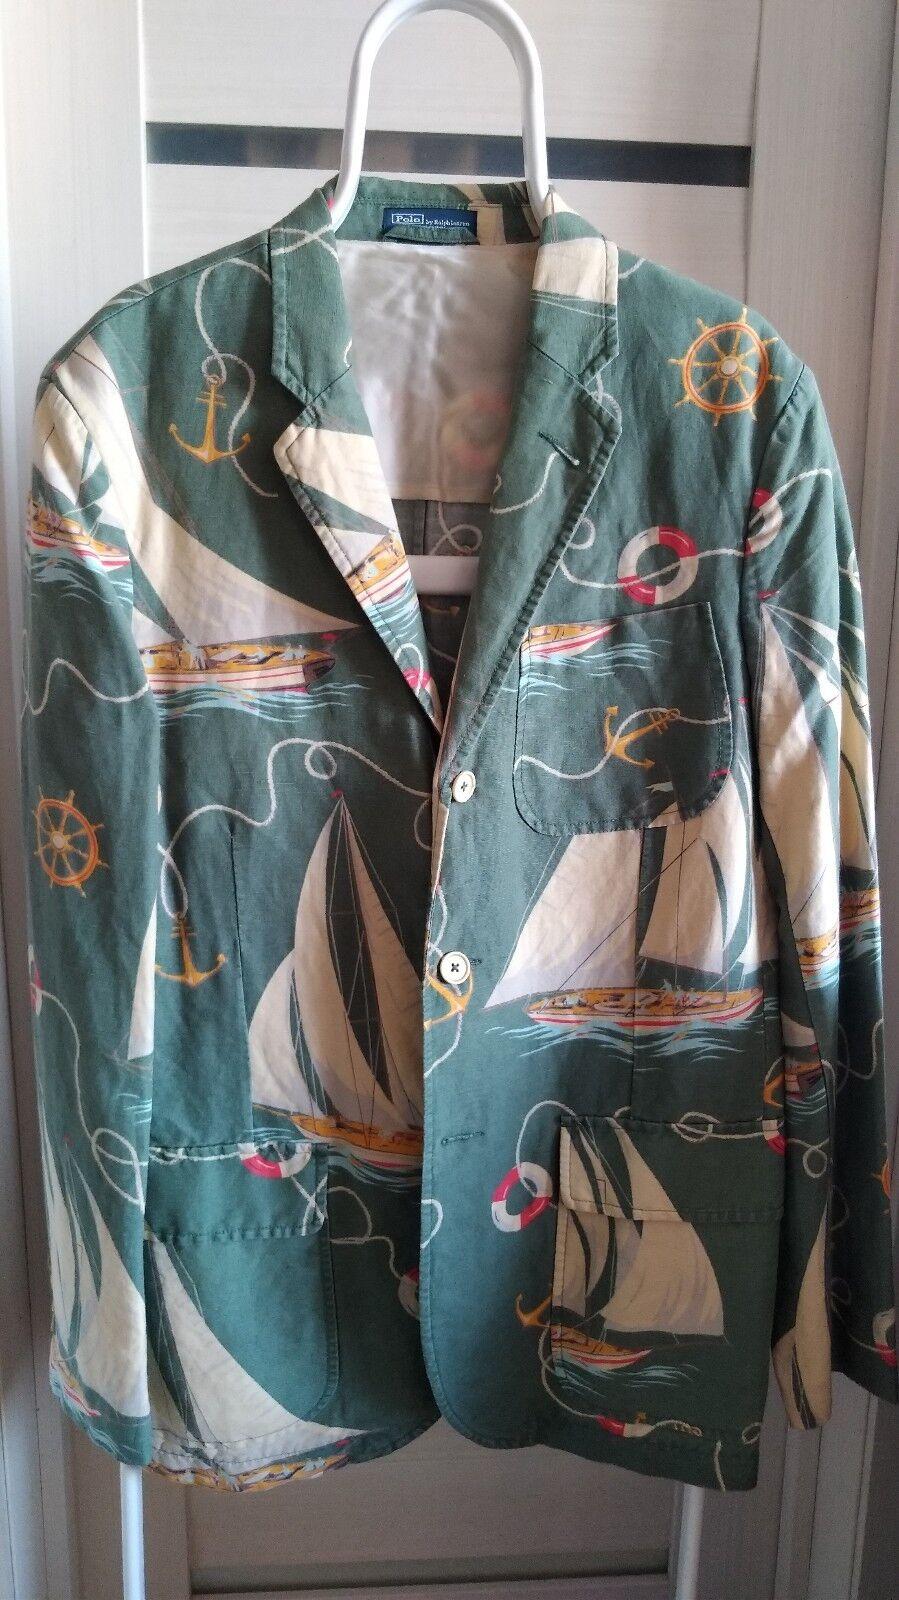 NWT RARE POLO RALPH LAUREN Linen Cotton Sailing Blazer Size US44L